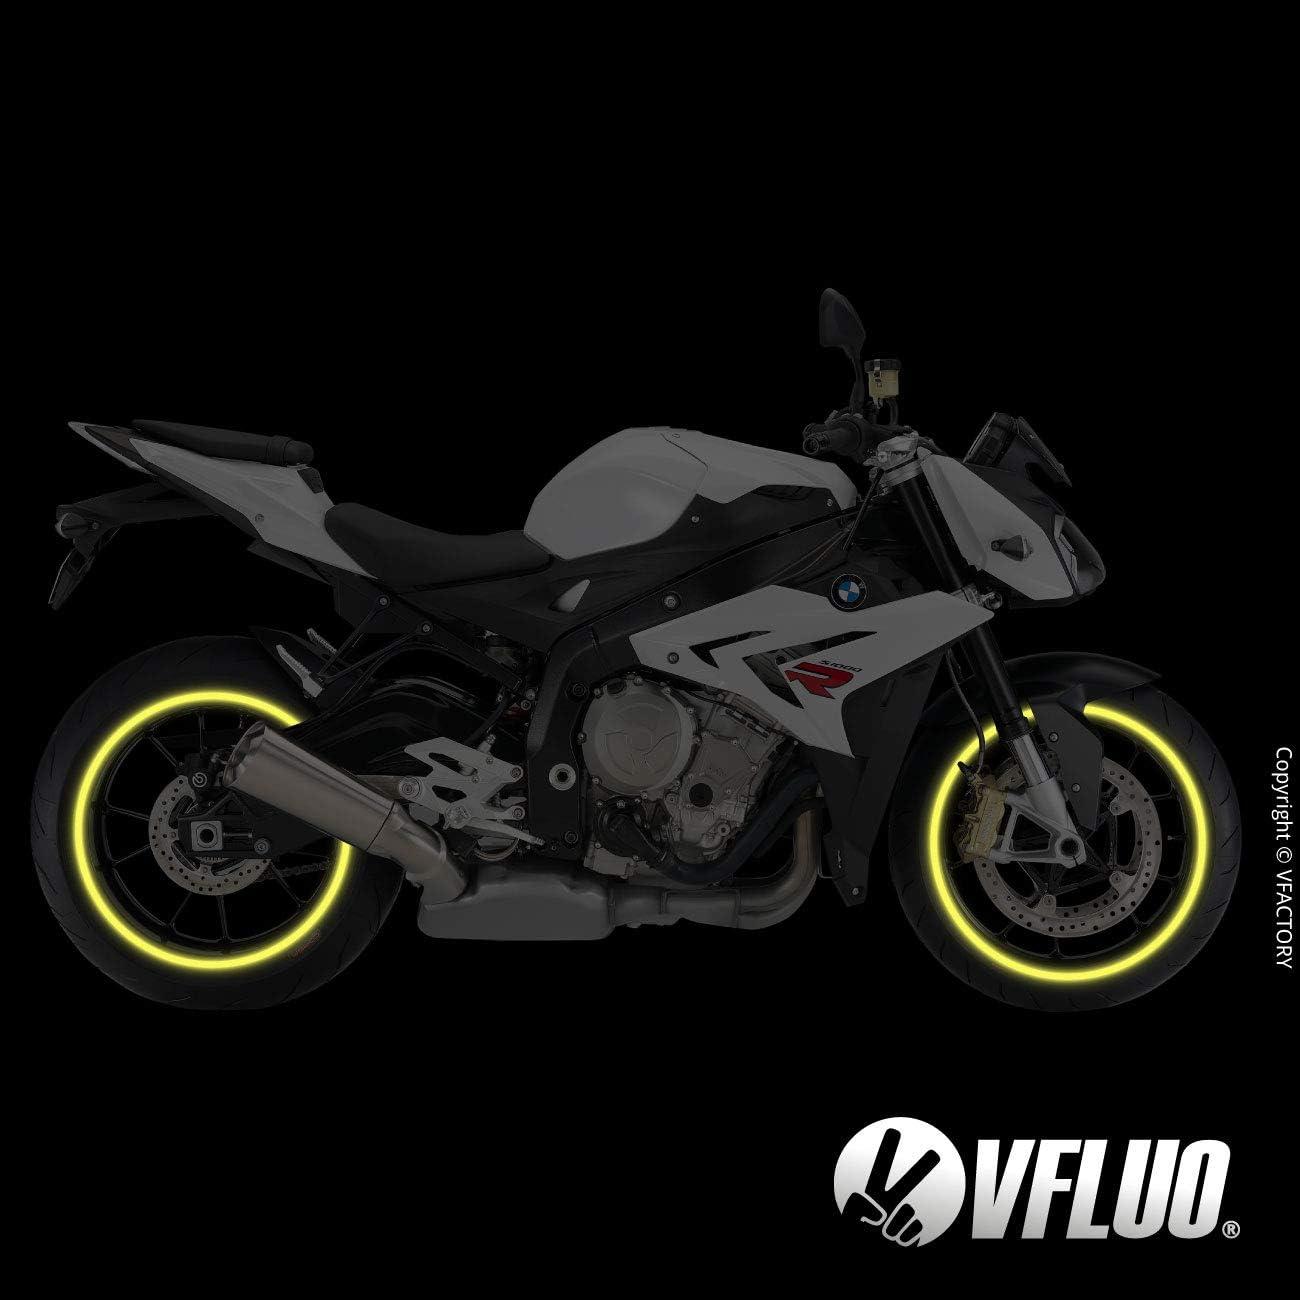 Anchura XL : 10 mm Rayas Retro Reflectantes para Llantas de Moto 1 Rueda 3M Technology/™ Rojo rub/í VFLUO Circular/™ Kit de Cintas